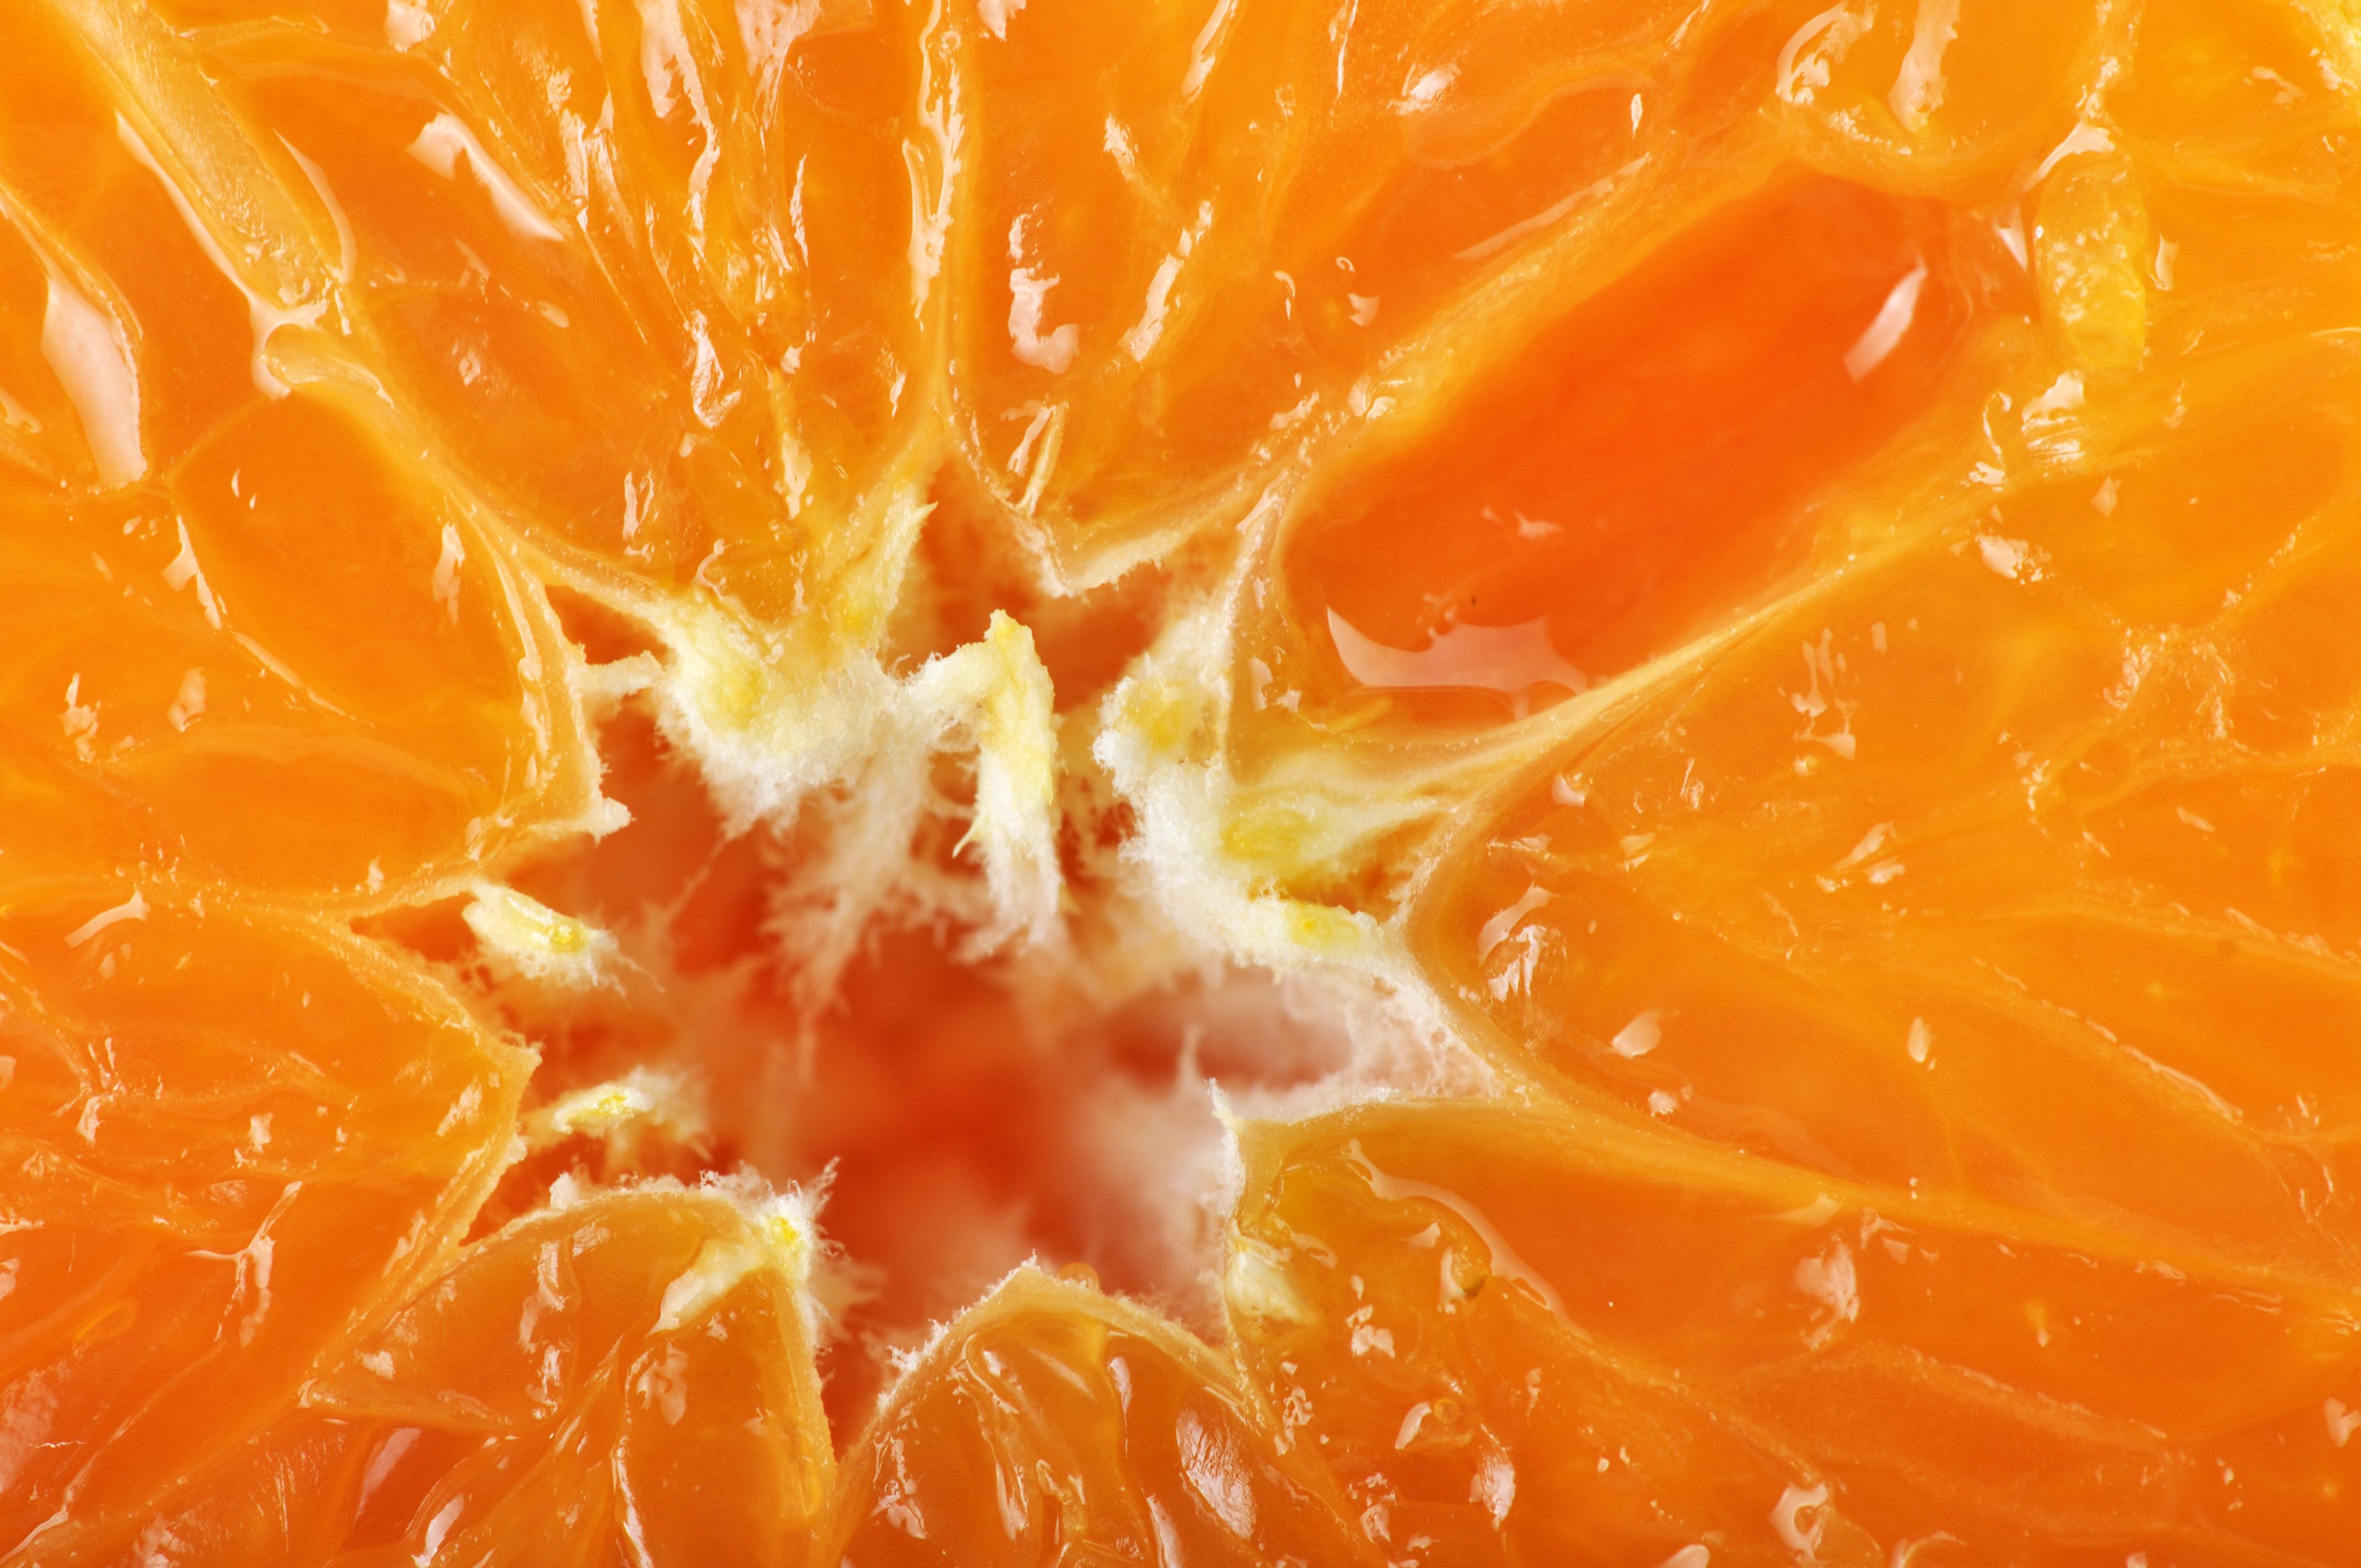 Free Images : fruit, flower, food, produce, yellow, orange ...